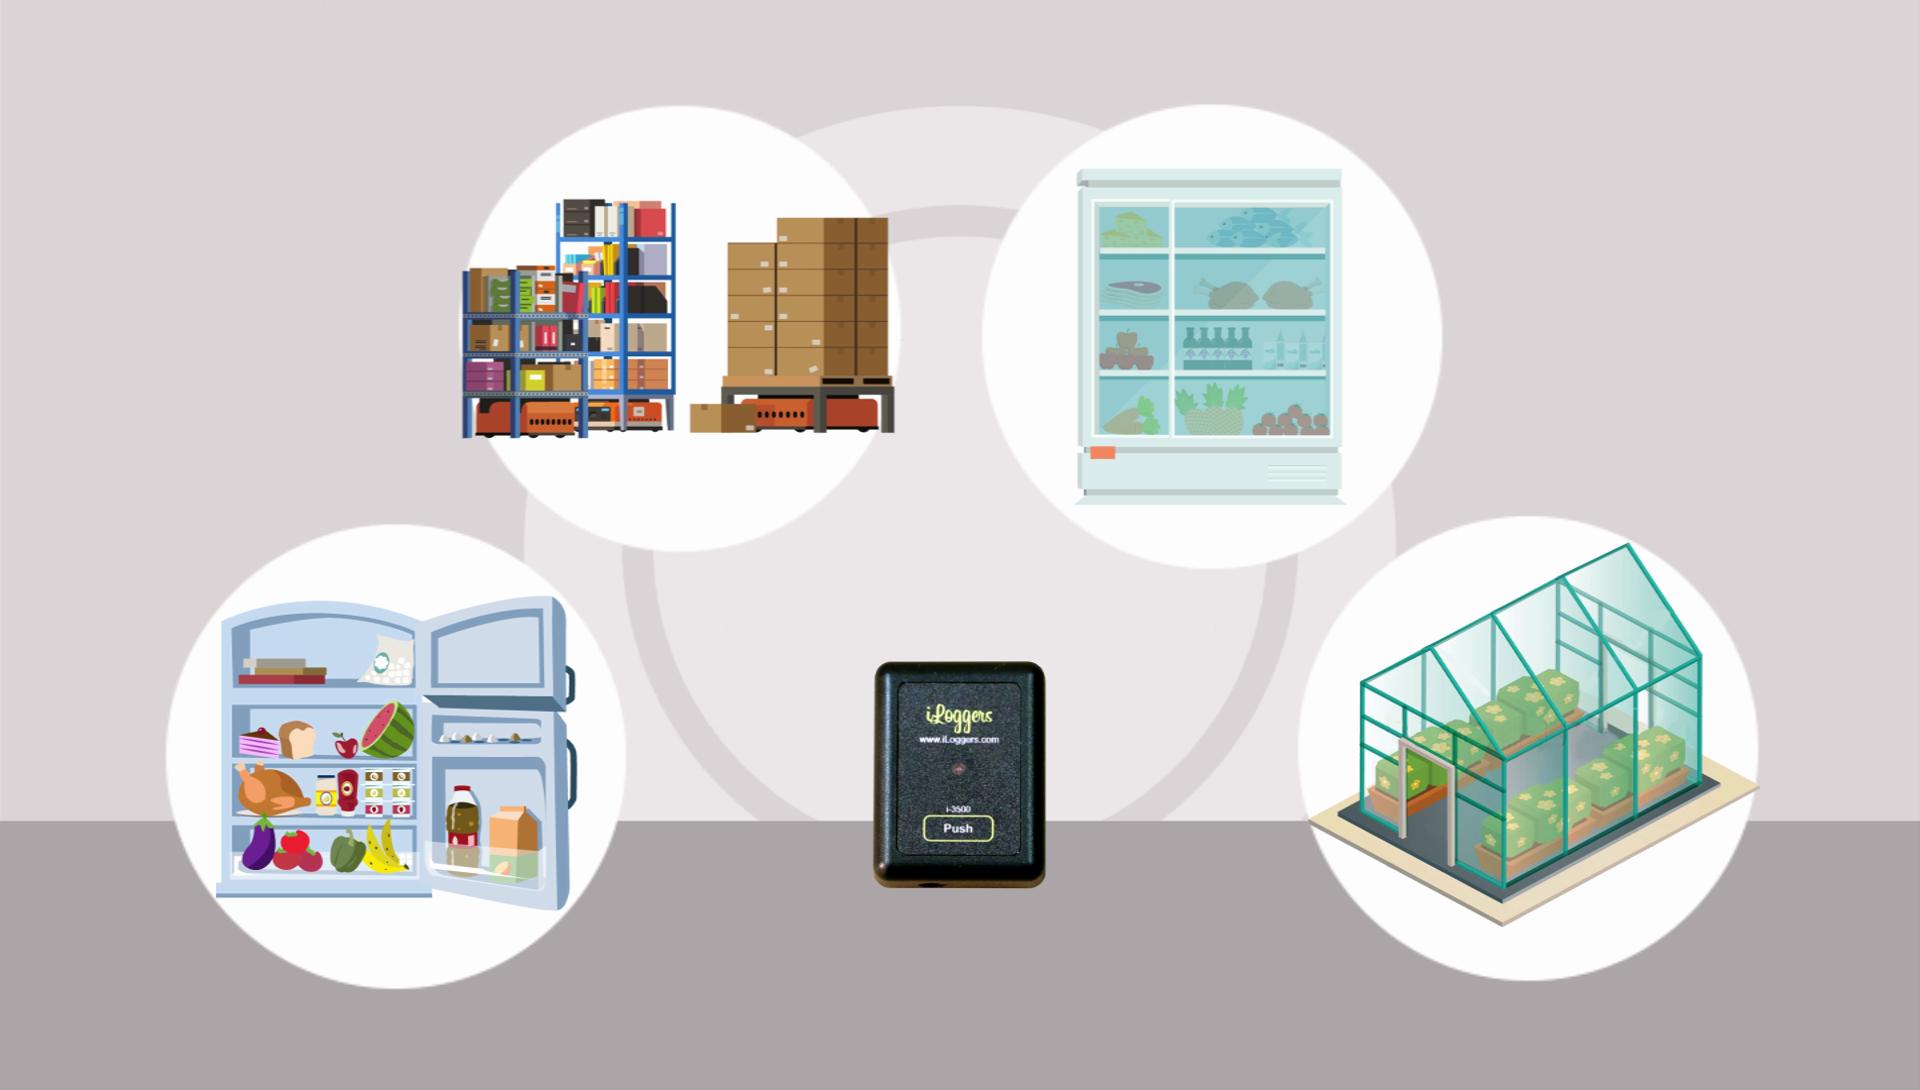 با کیفیت ترین محصول پایش و اندازه گیری دما با قابلیت گزارش گیری و نصب آسان ، ترموگراف بی سیم دیتالاگر دما | خرید دیتالاگر دما | قیمت دیتالاگر دما | ترموگراف | دیتالاگر دما بی سیم